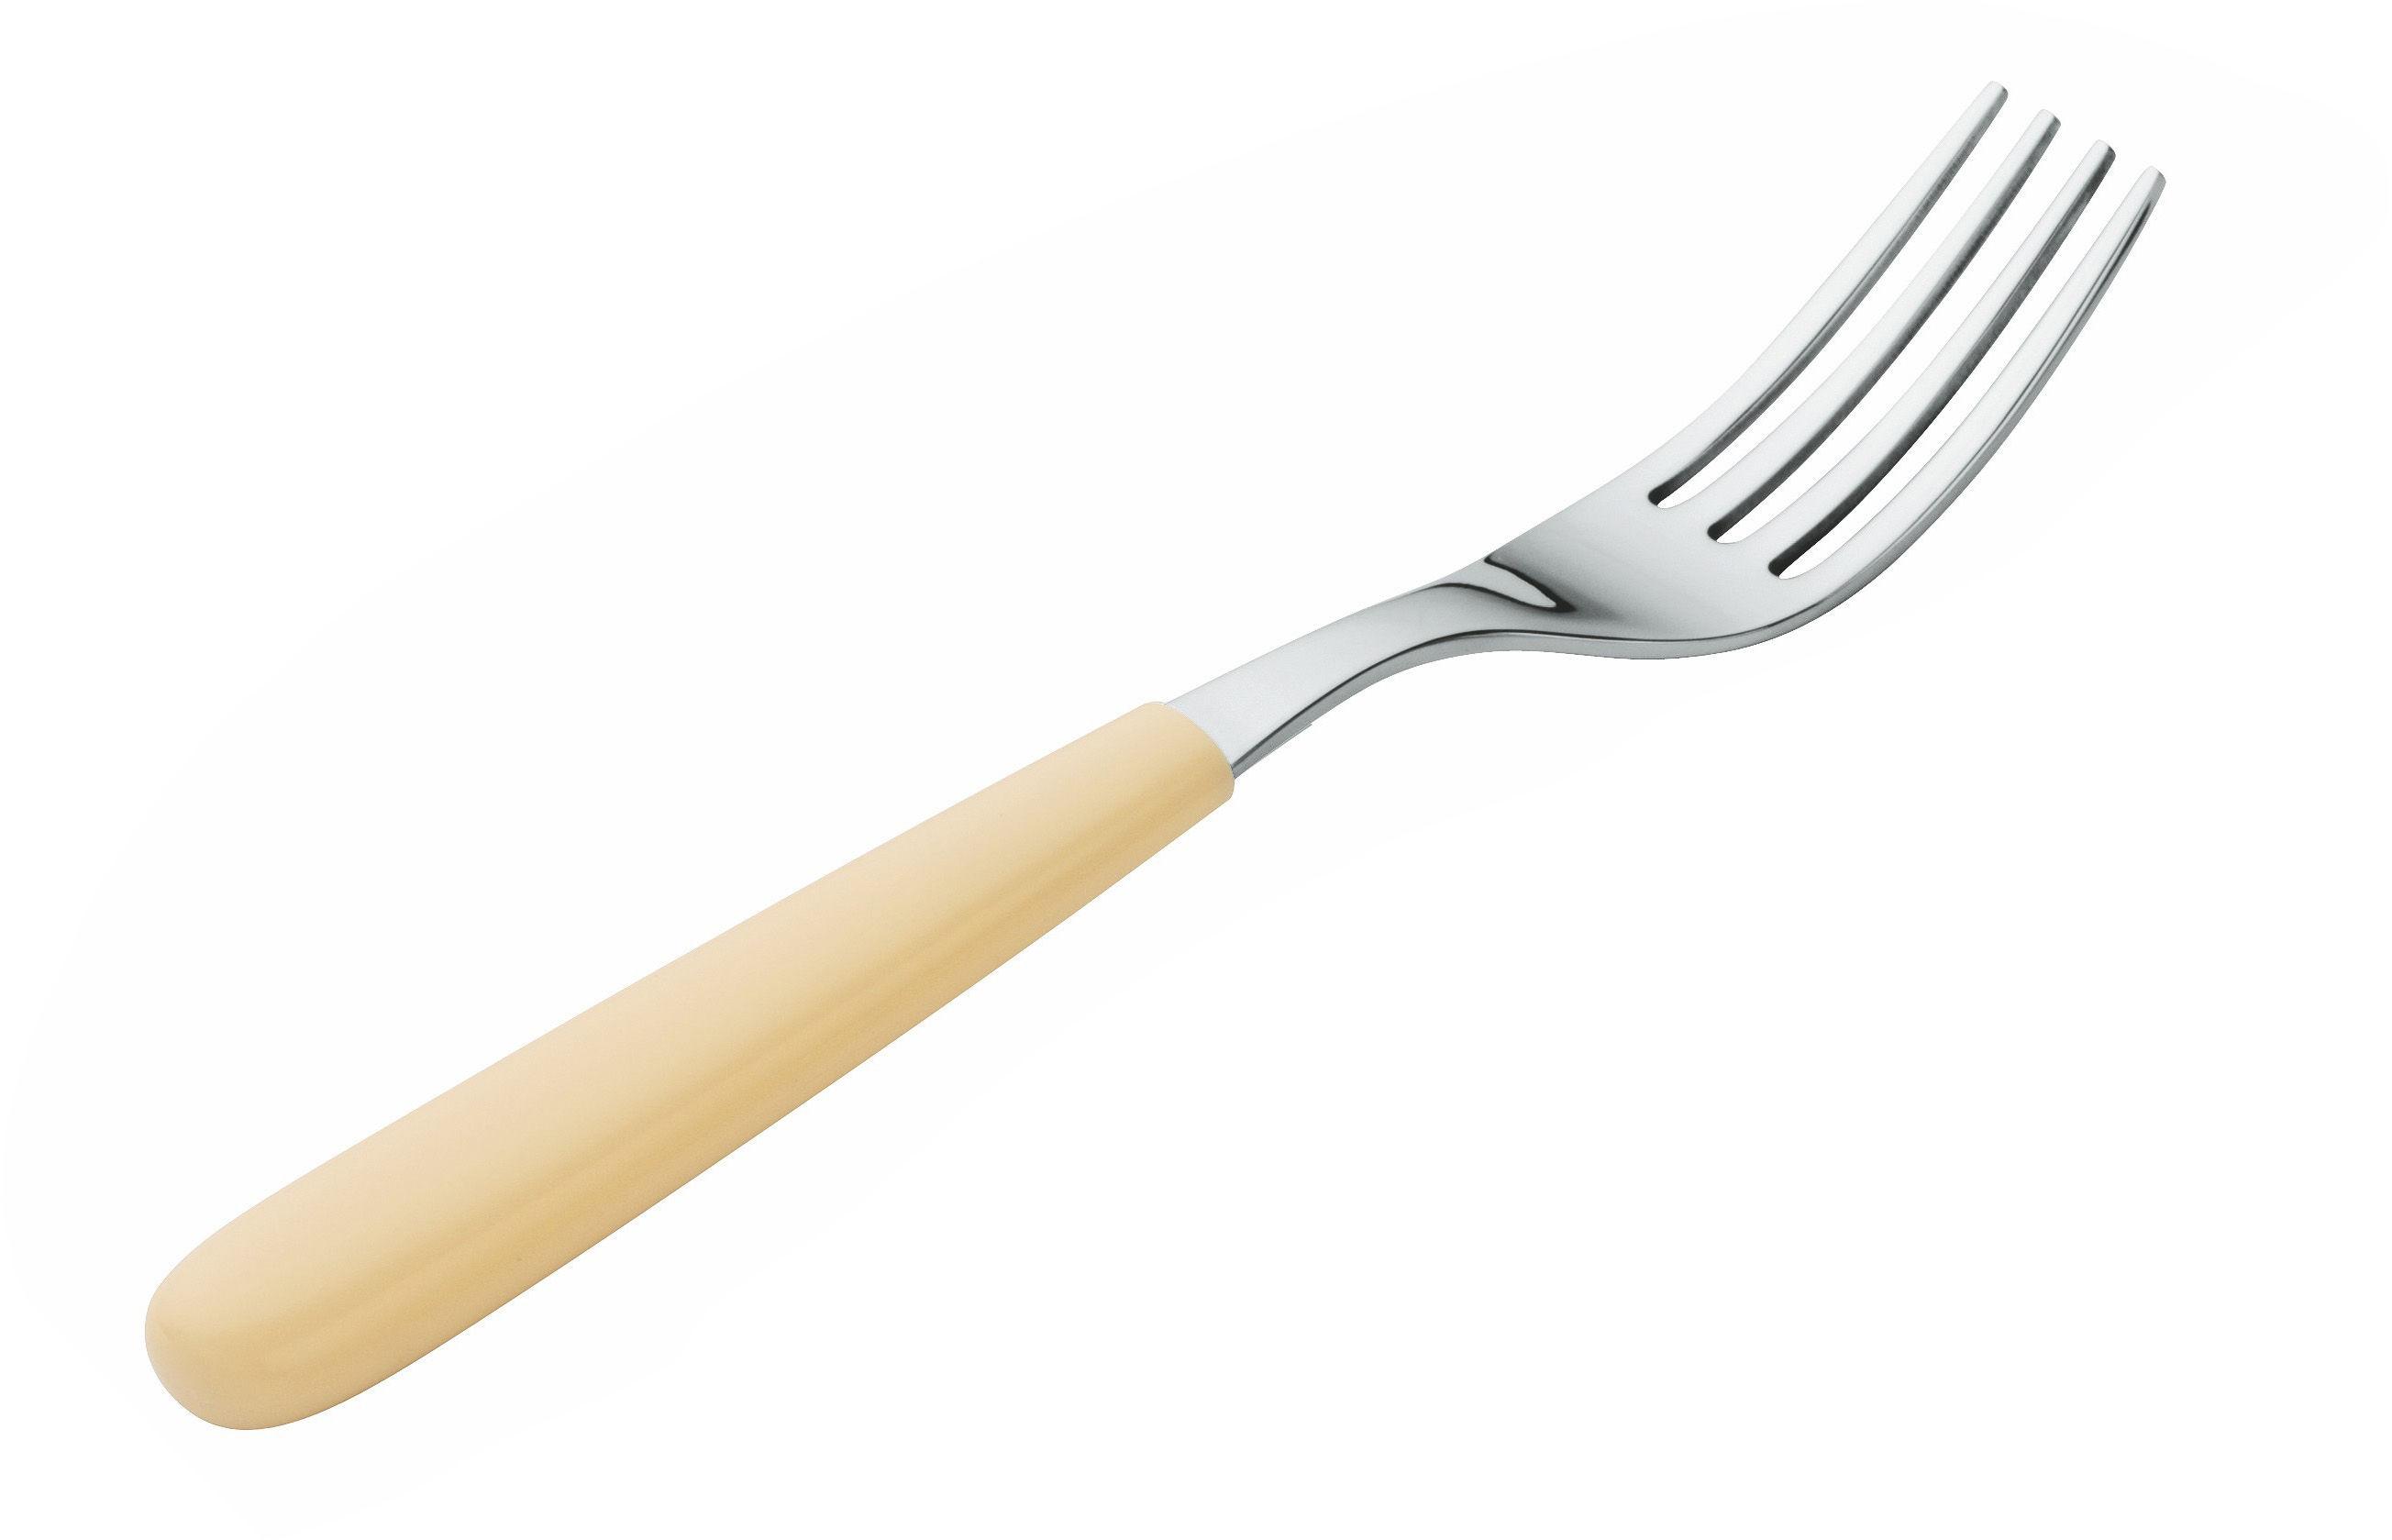 Fourchette all time fourchette ivoire a di alessi - La table libanaise la fourchette ...